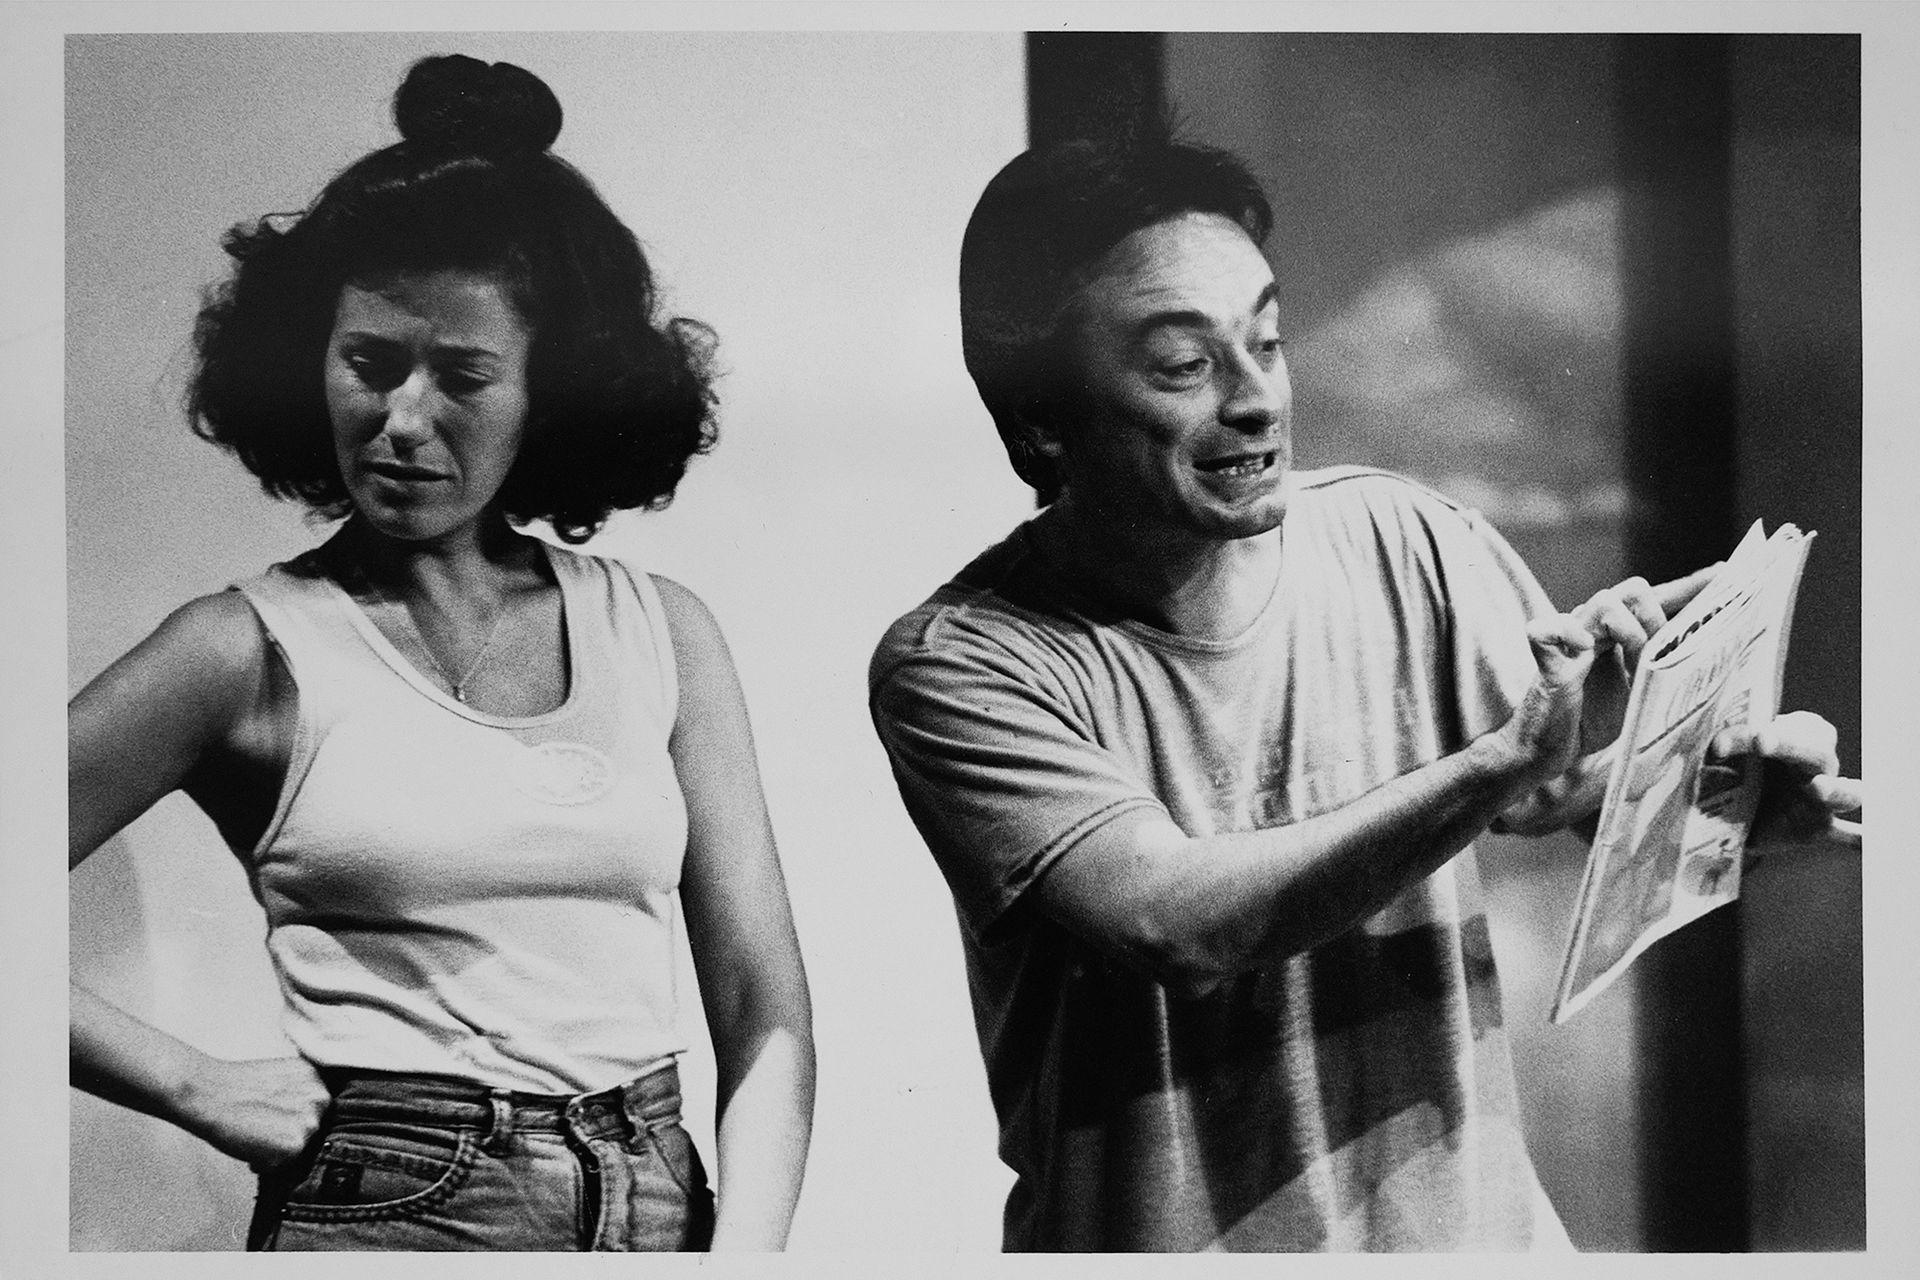 """Mercedes Morán y Oscar Martinez en """" Locos de contentos """" , 1991. Reproducciones que pertenecieron al archivo de Tiempo Argentino, Cronista Comercial y La Opinión. Muchas son de las agencias DyN y Telam. Corresponden a la década del 70 y 80."""